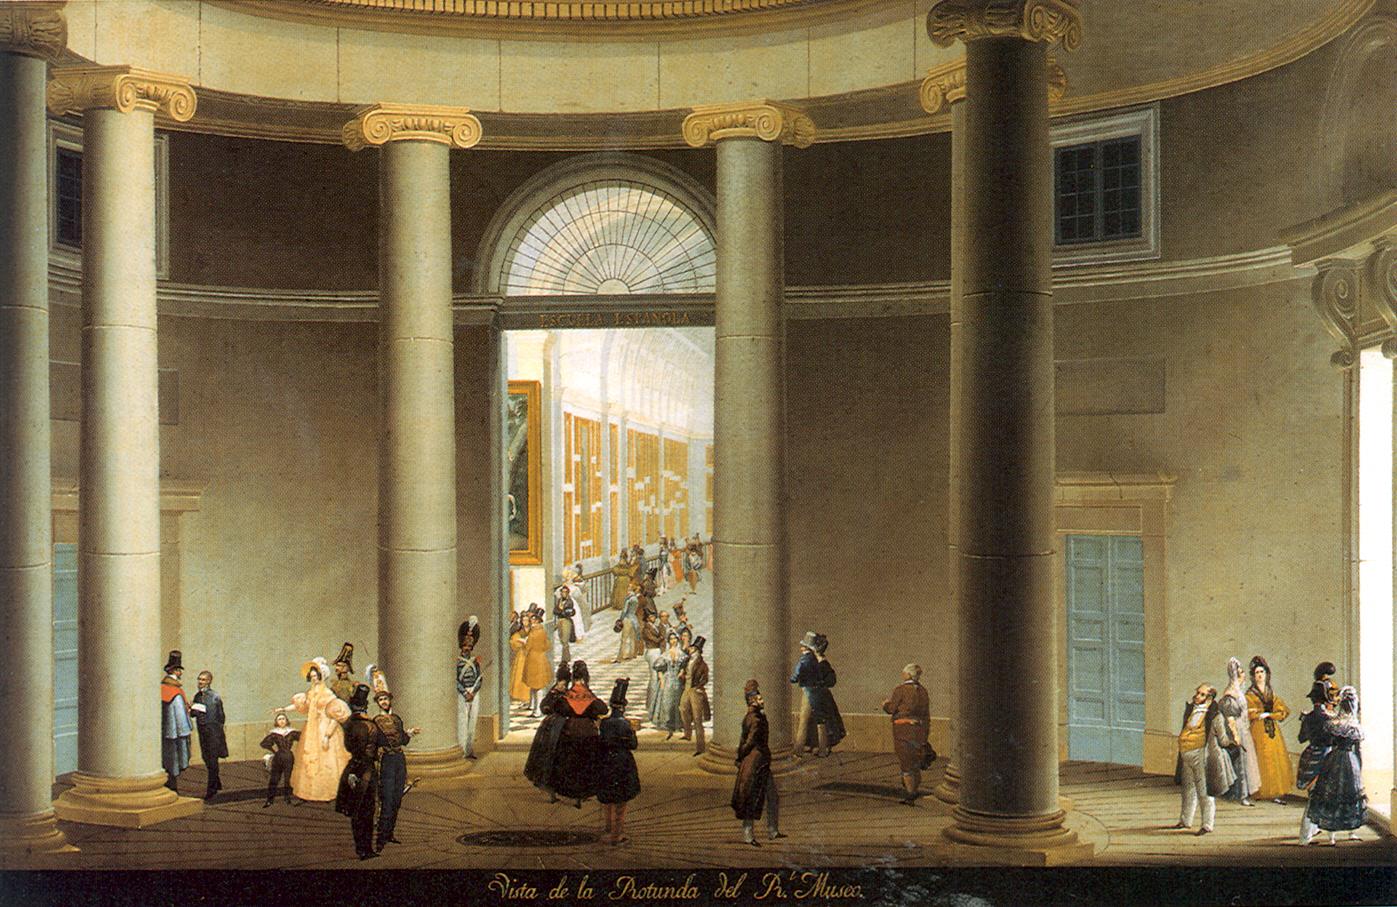 El gusto real y el real gusto: Un acercamiento a la historia de nuestro patrimonio